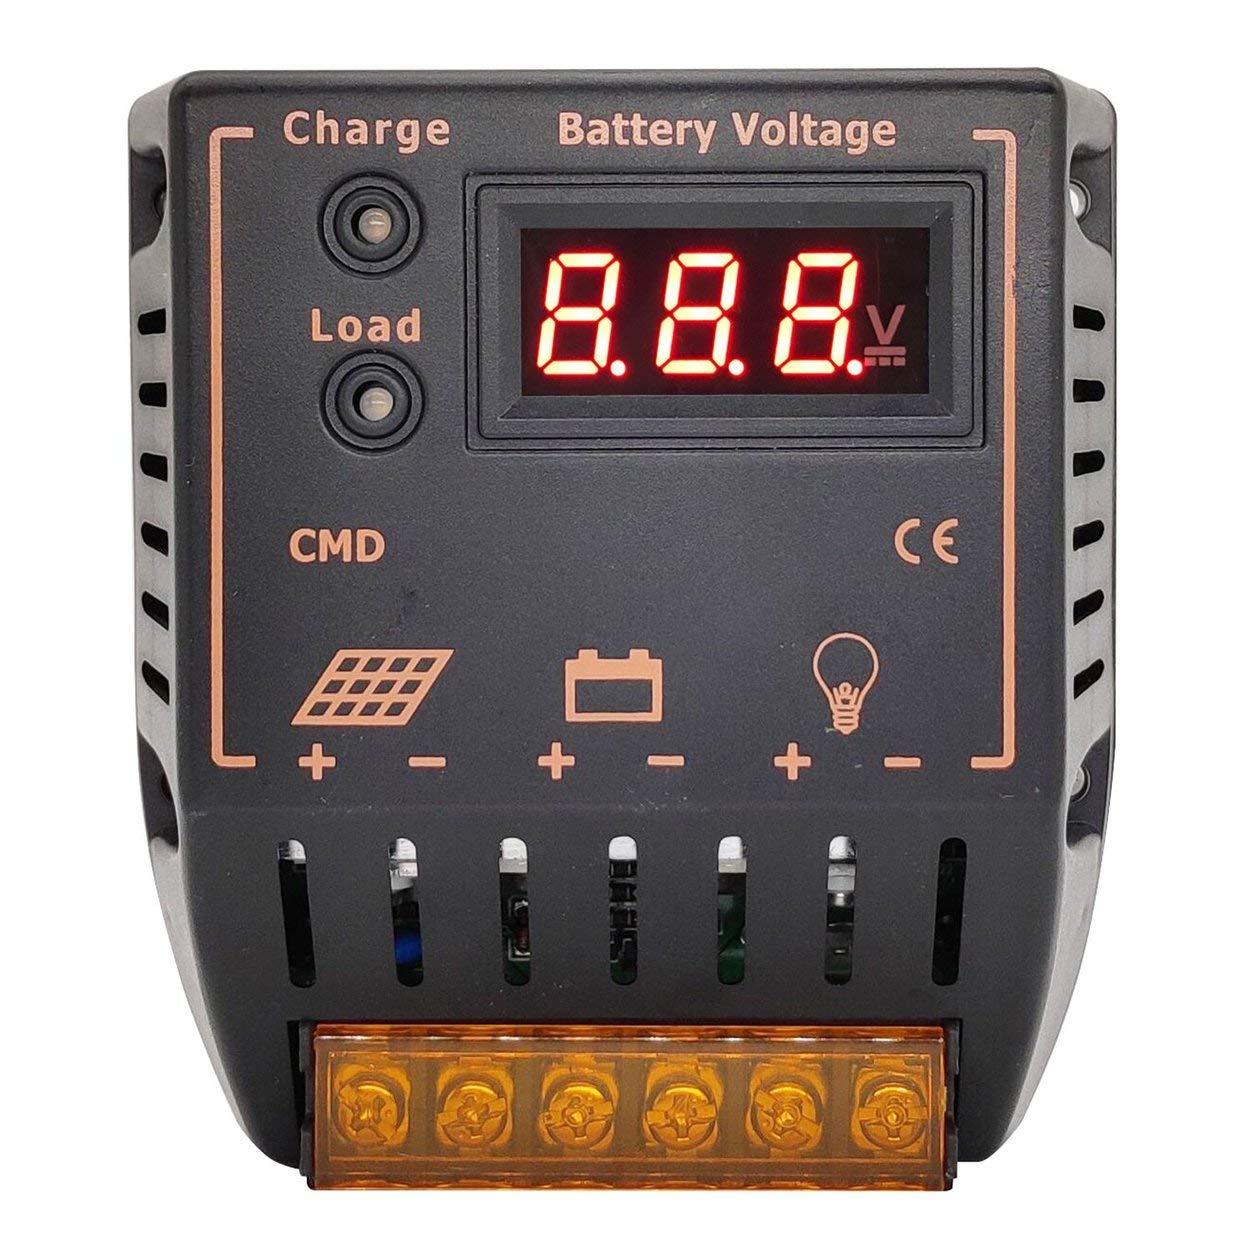 Lorenlli Dauerhafter Solarladeregler 12V 24V Solarladeregler USB 20A Solarregler-Spannungsregler CMD-2420